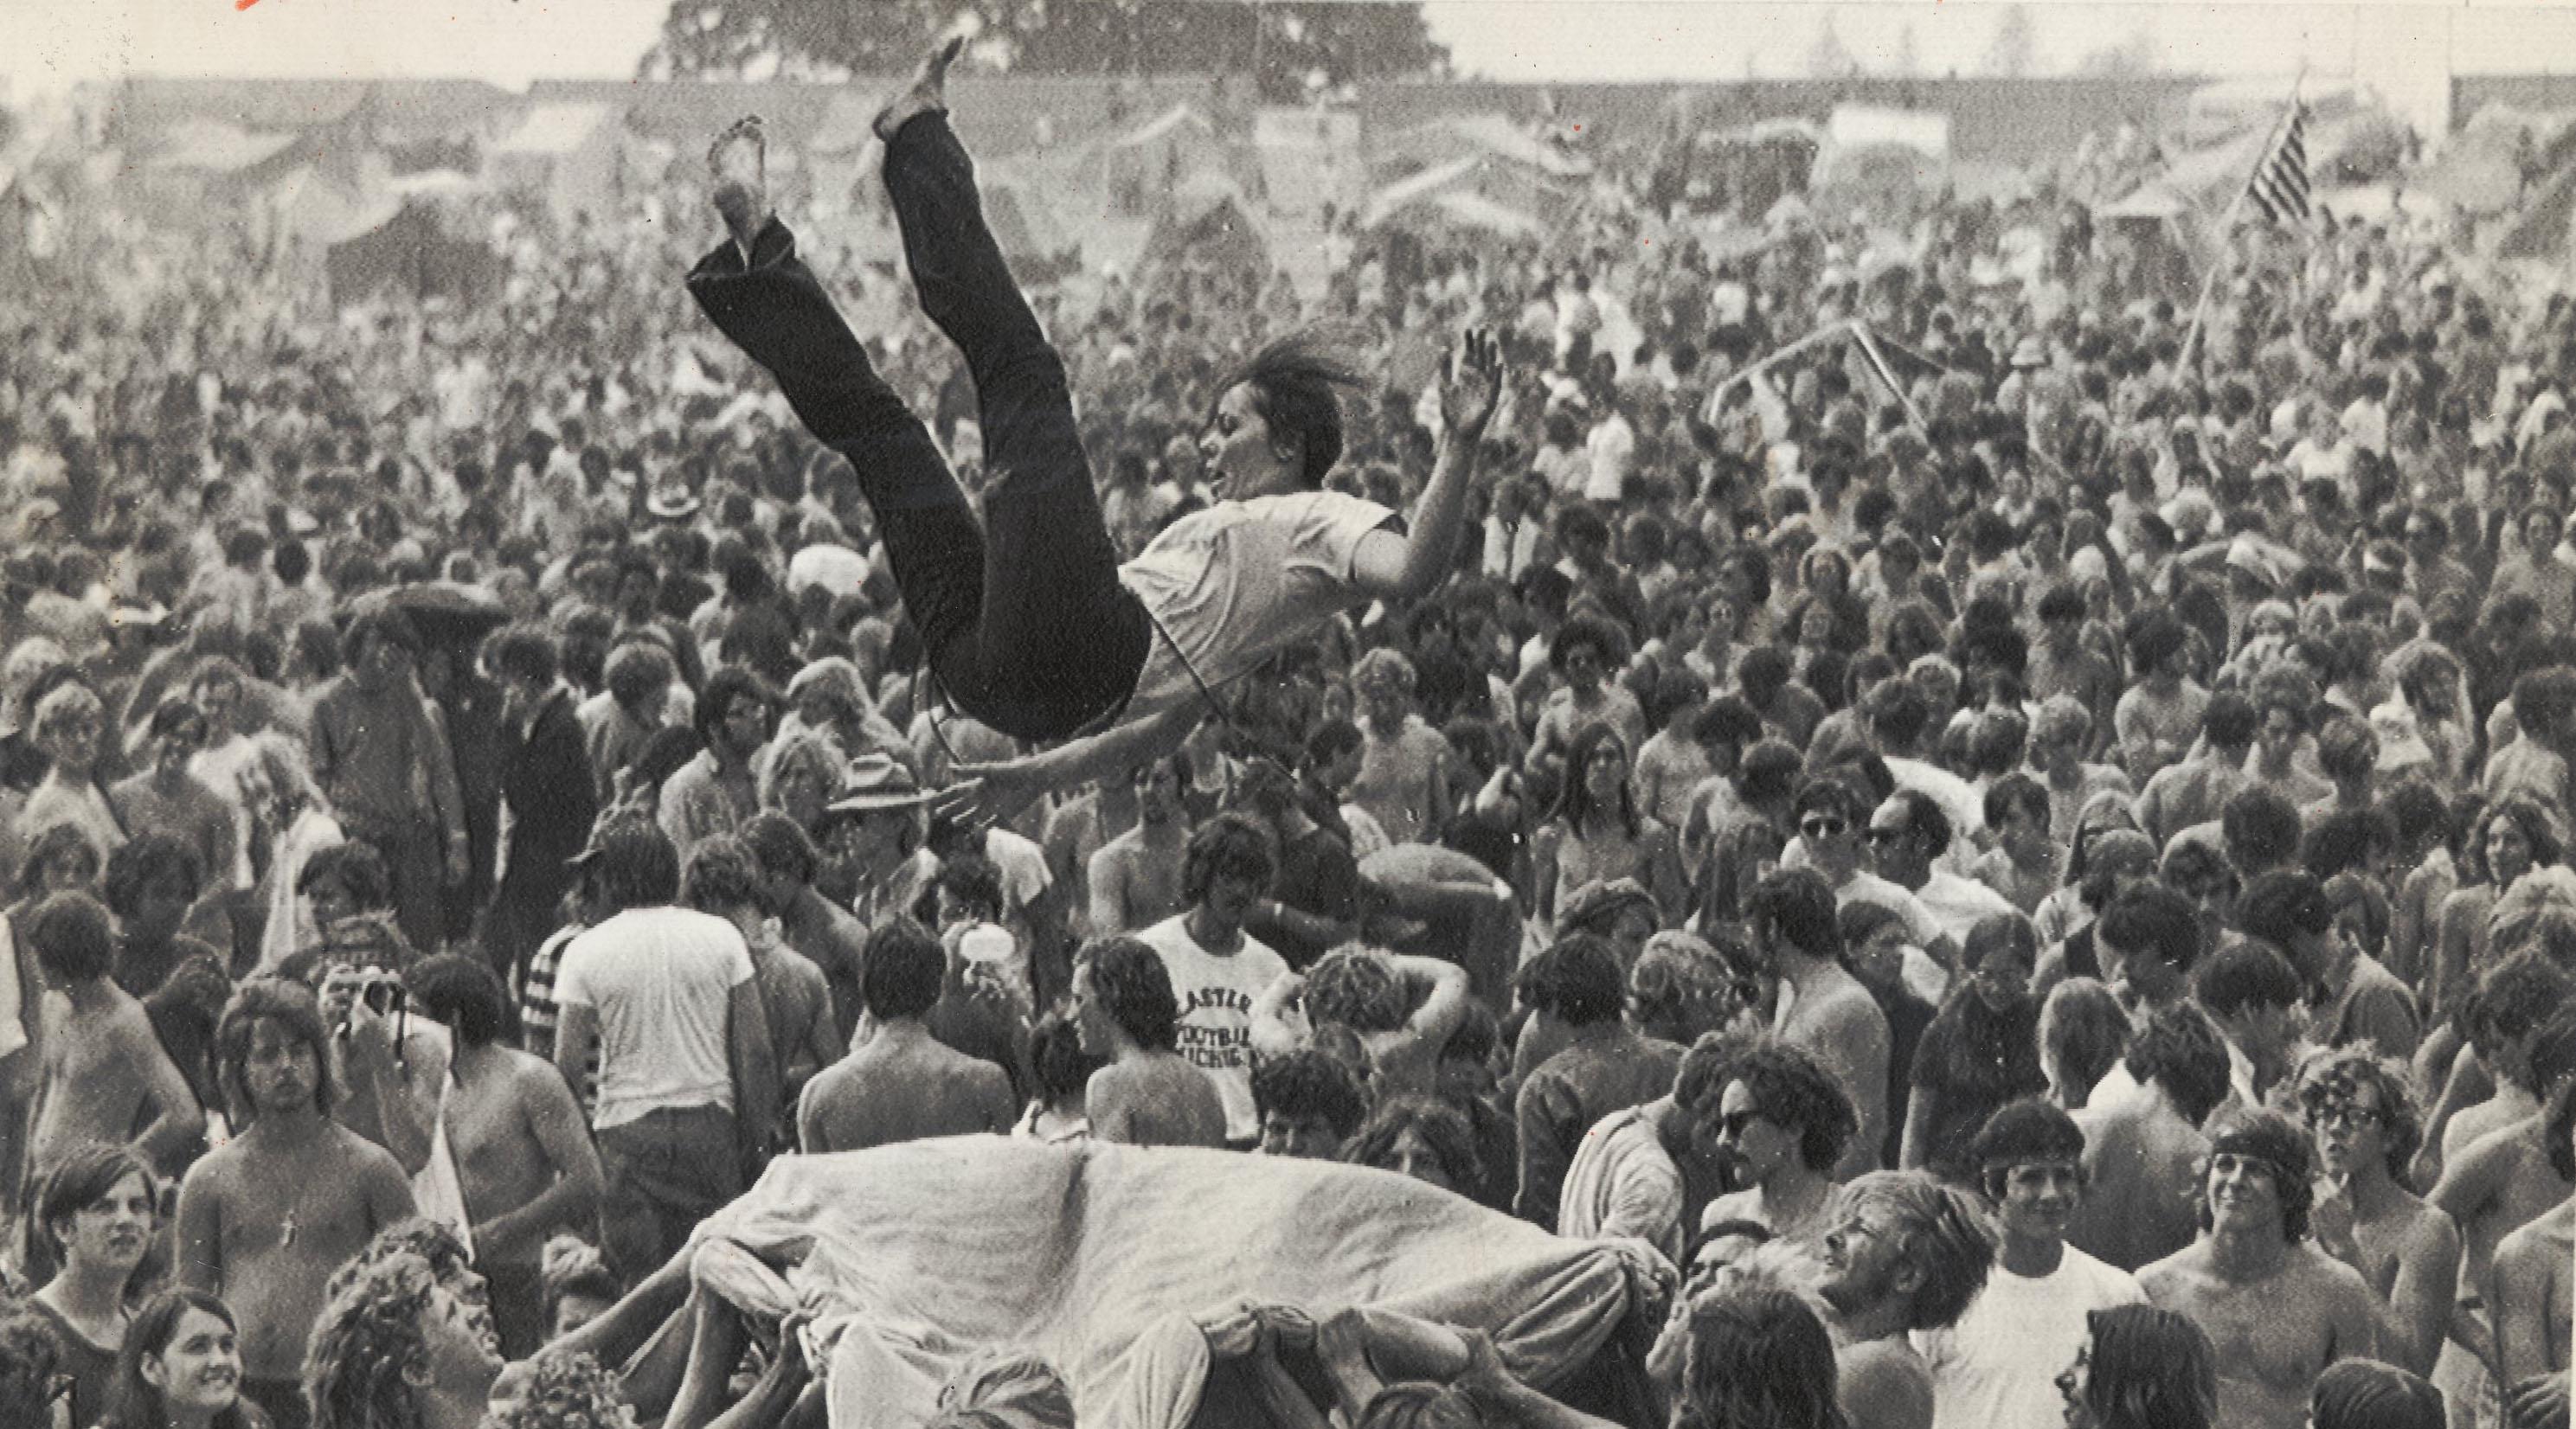 A primeira edição do festival ocorreu entre os dias 15 e 18 de agosto de 1969, em Nova York, Estados Unidos.